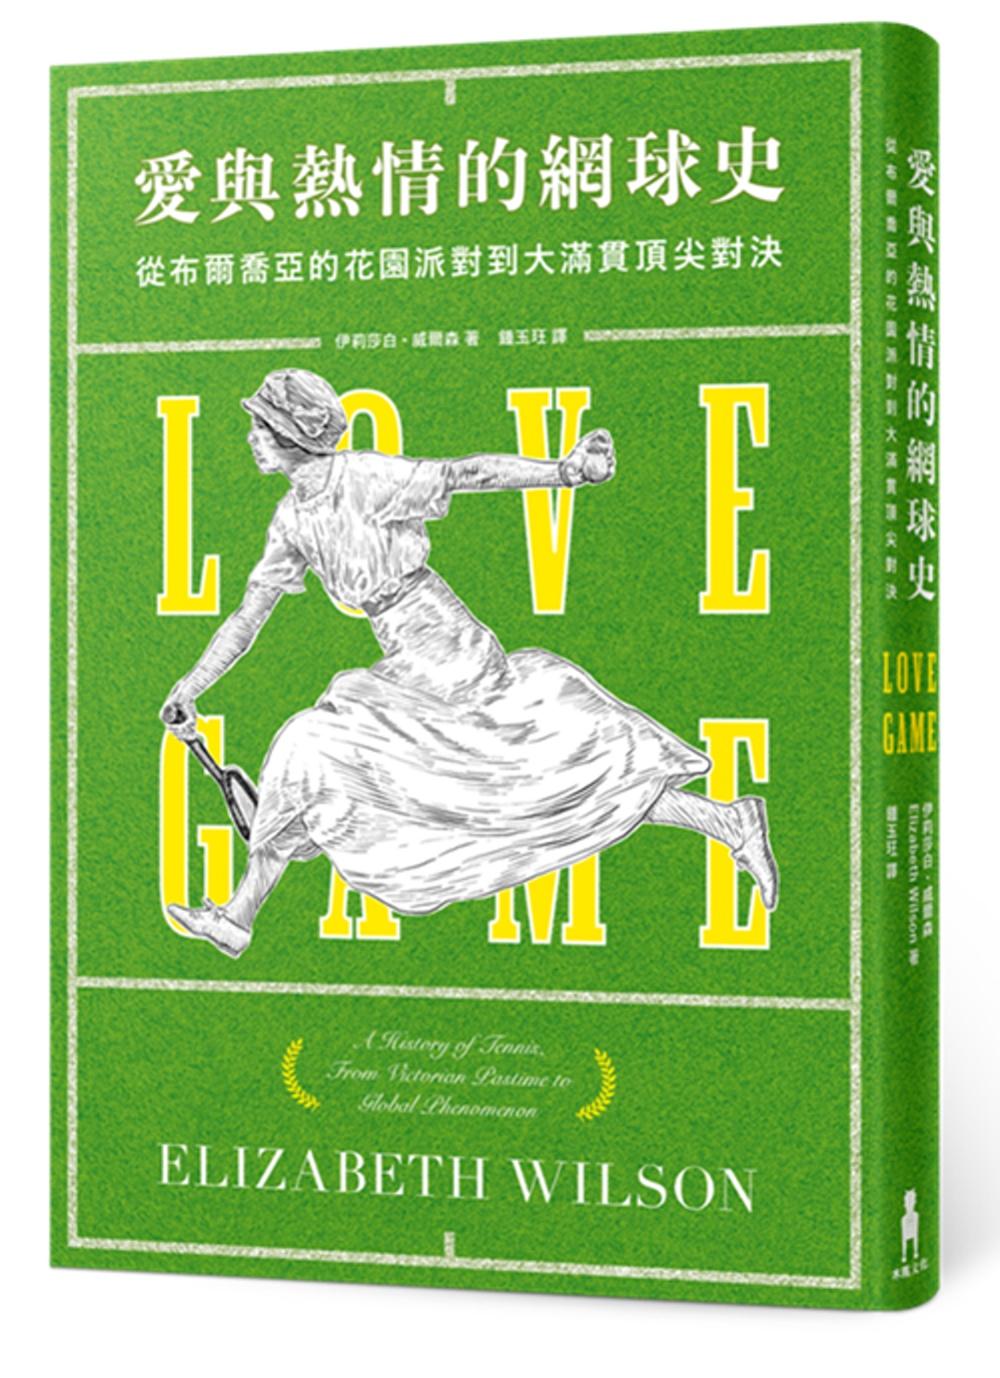 愛與熱情的網球史:從布爾喬亞的花園派對到大滿貫頂尖對決